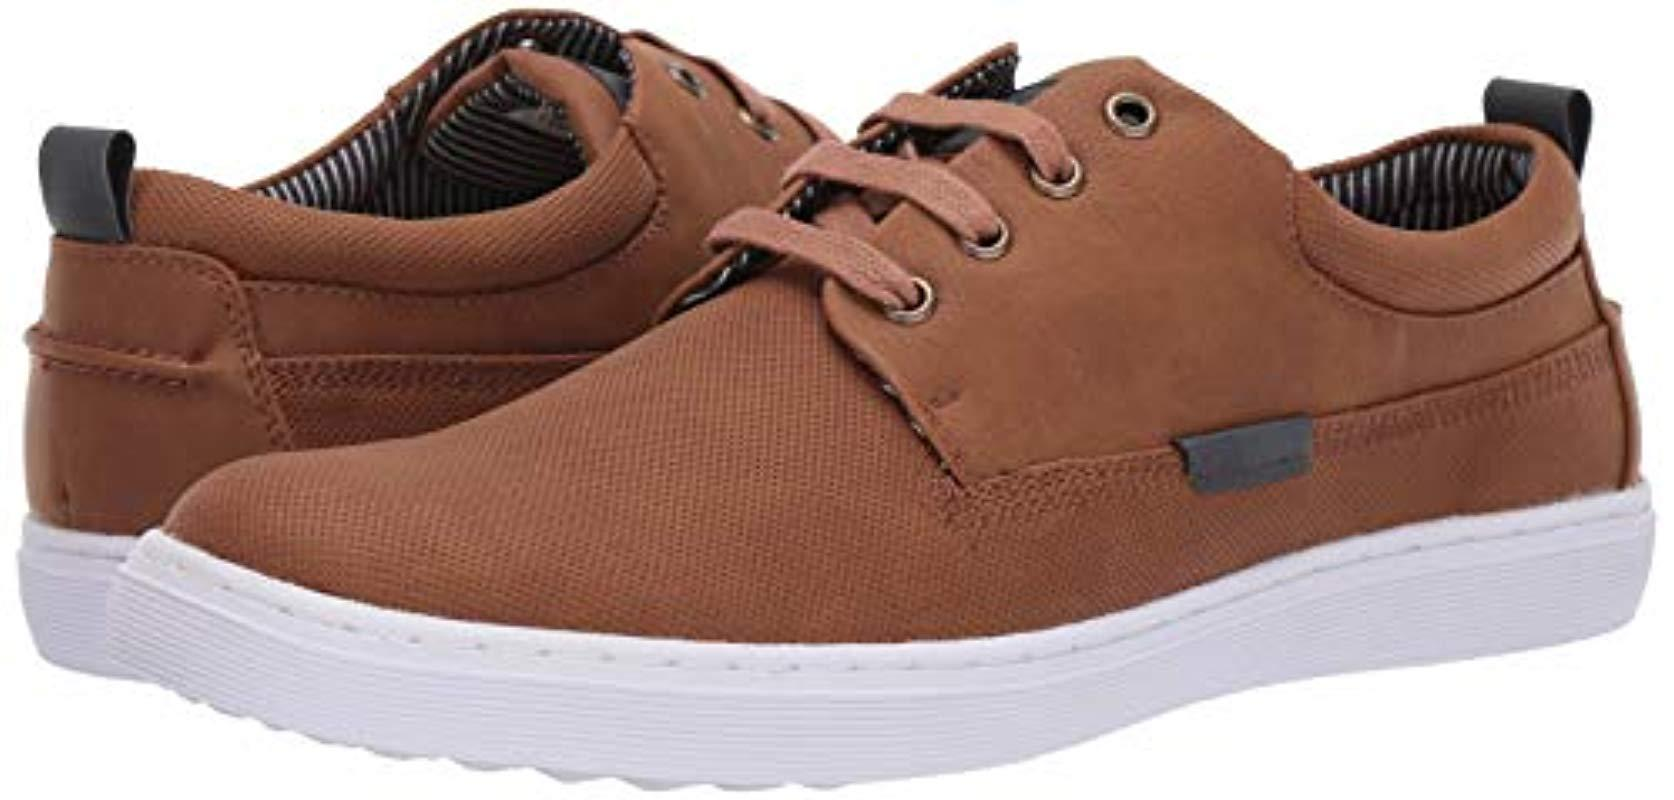 0f081c85819 Men's Brown Handoff Sneaker